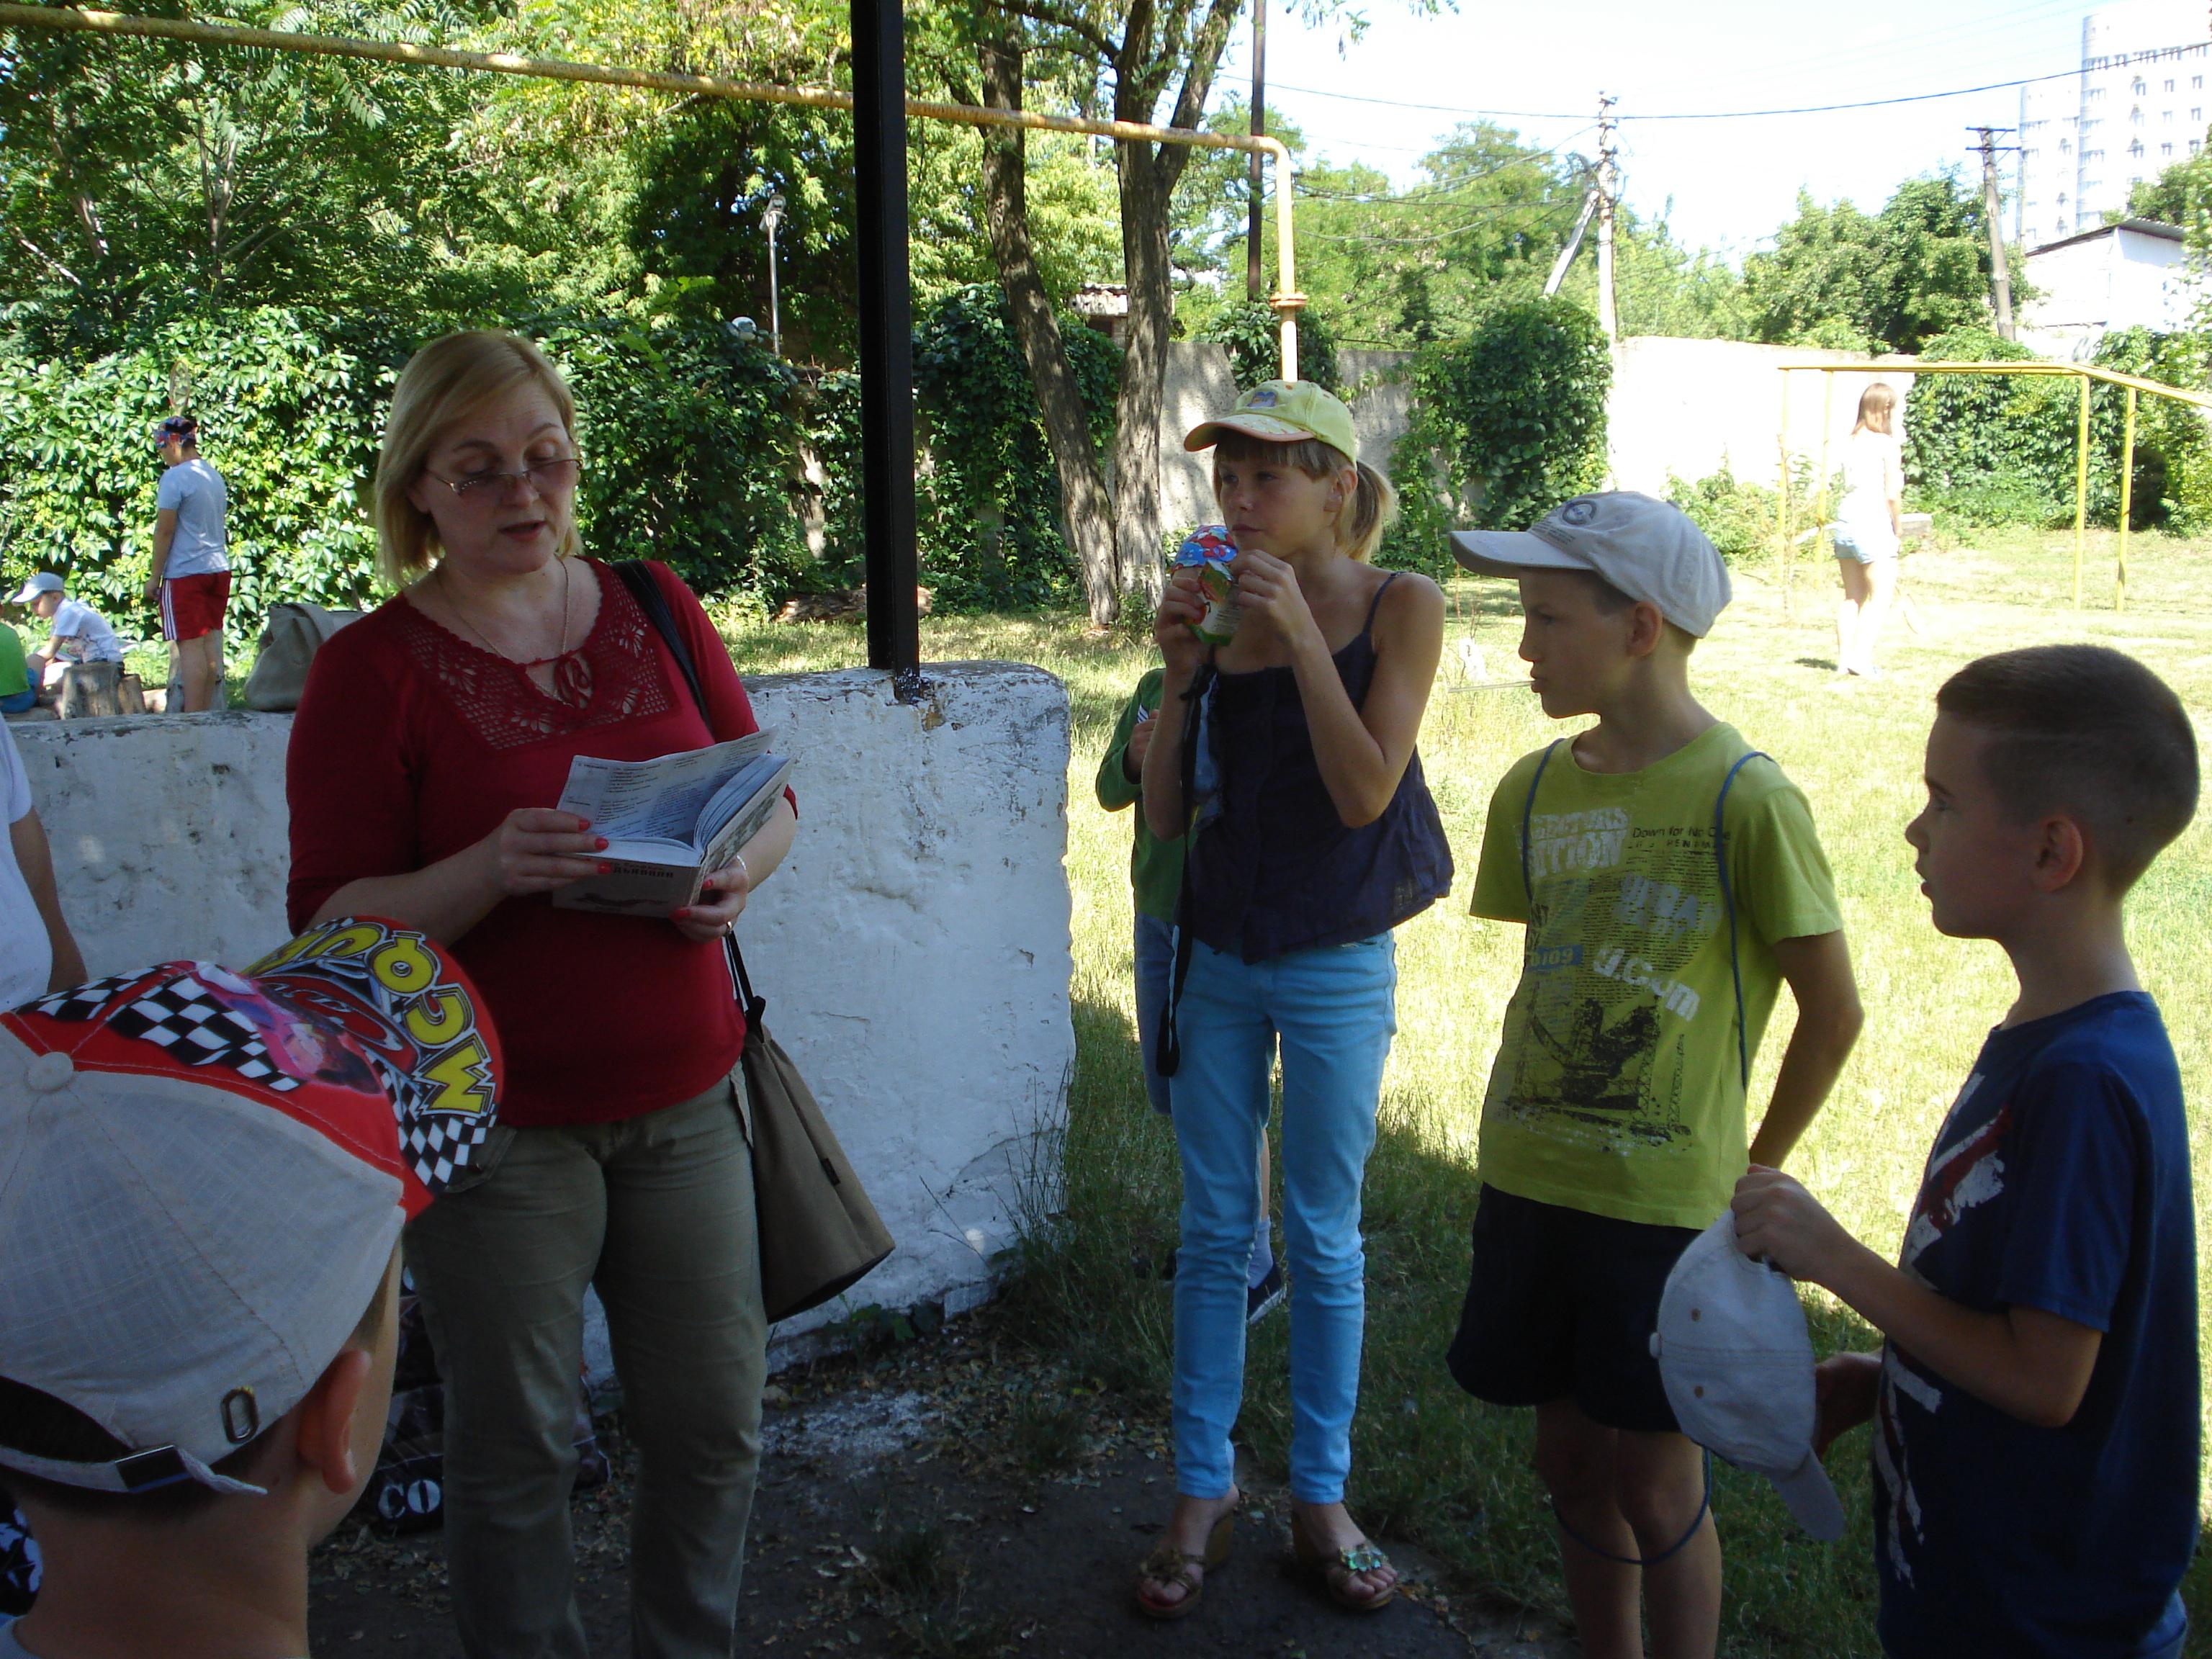 донецкая республиканская библиотека для детей, отдел обслуживания дошкольников и учащихся 1-4 классов, занятия с детьми